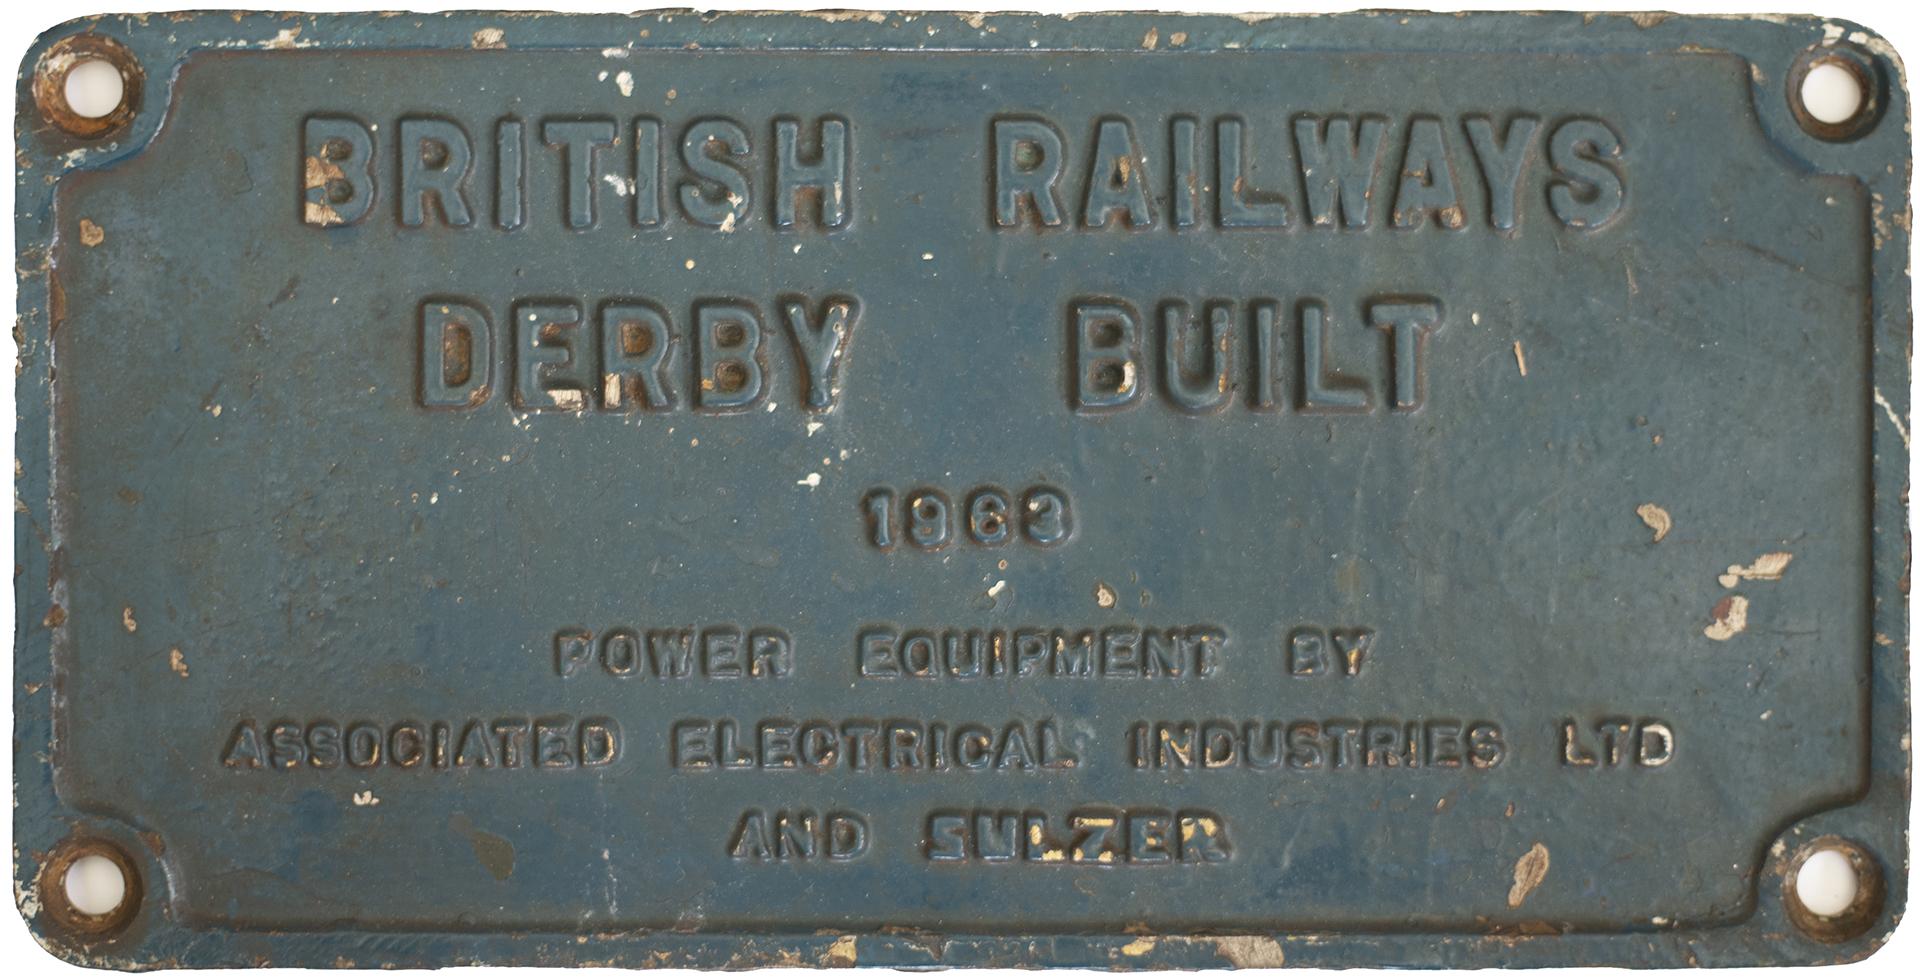 Worksplate BRITISH RAILWAYS DERBY BUILT 1963 POWER